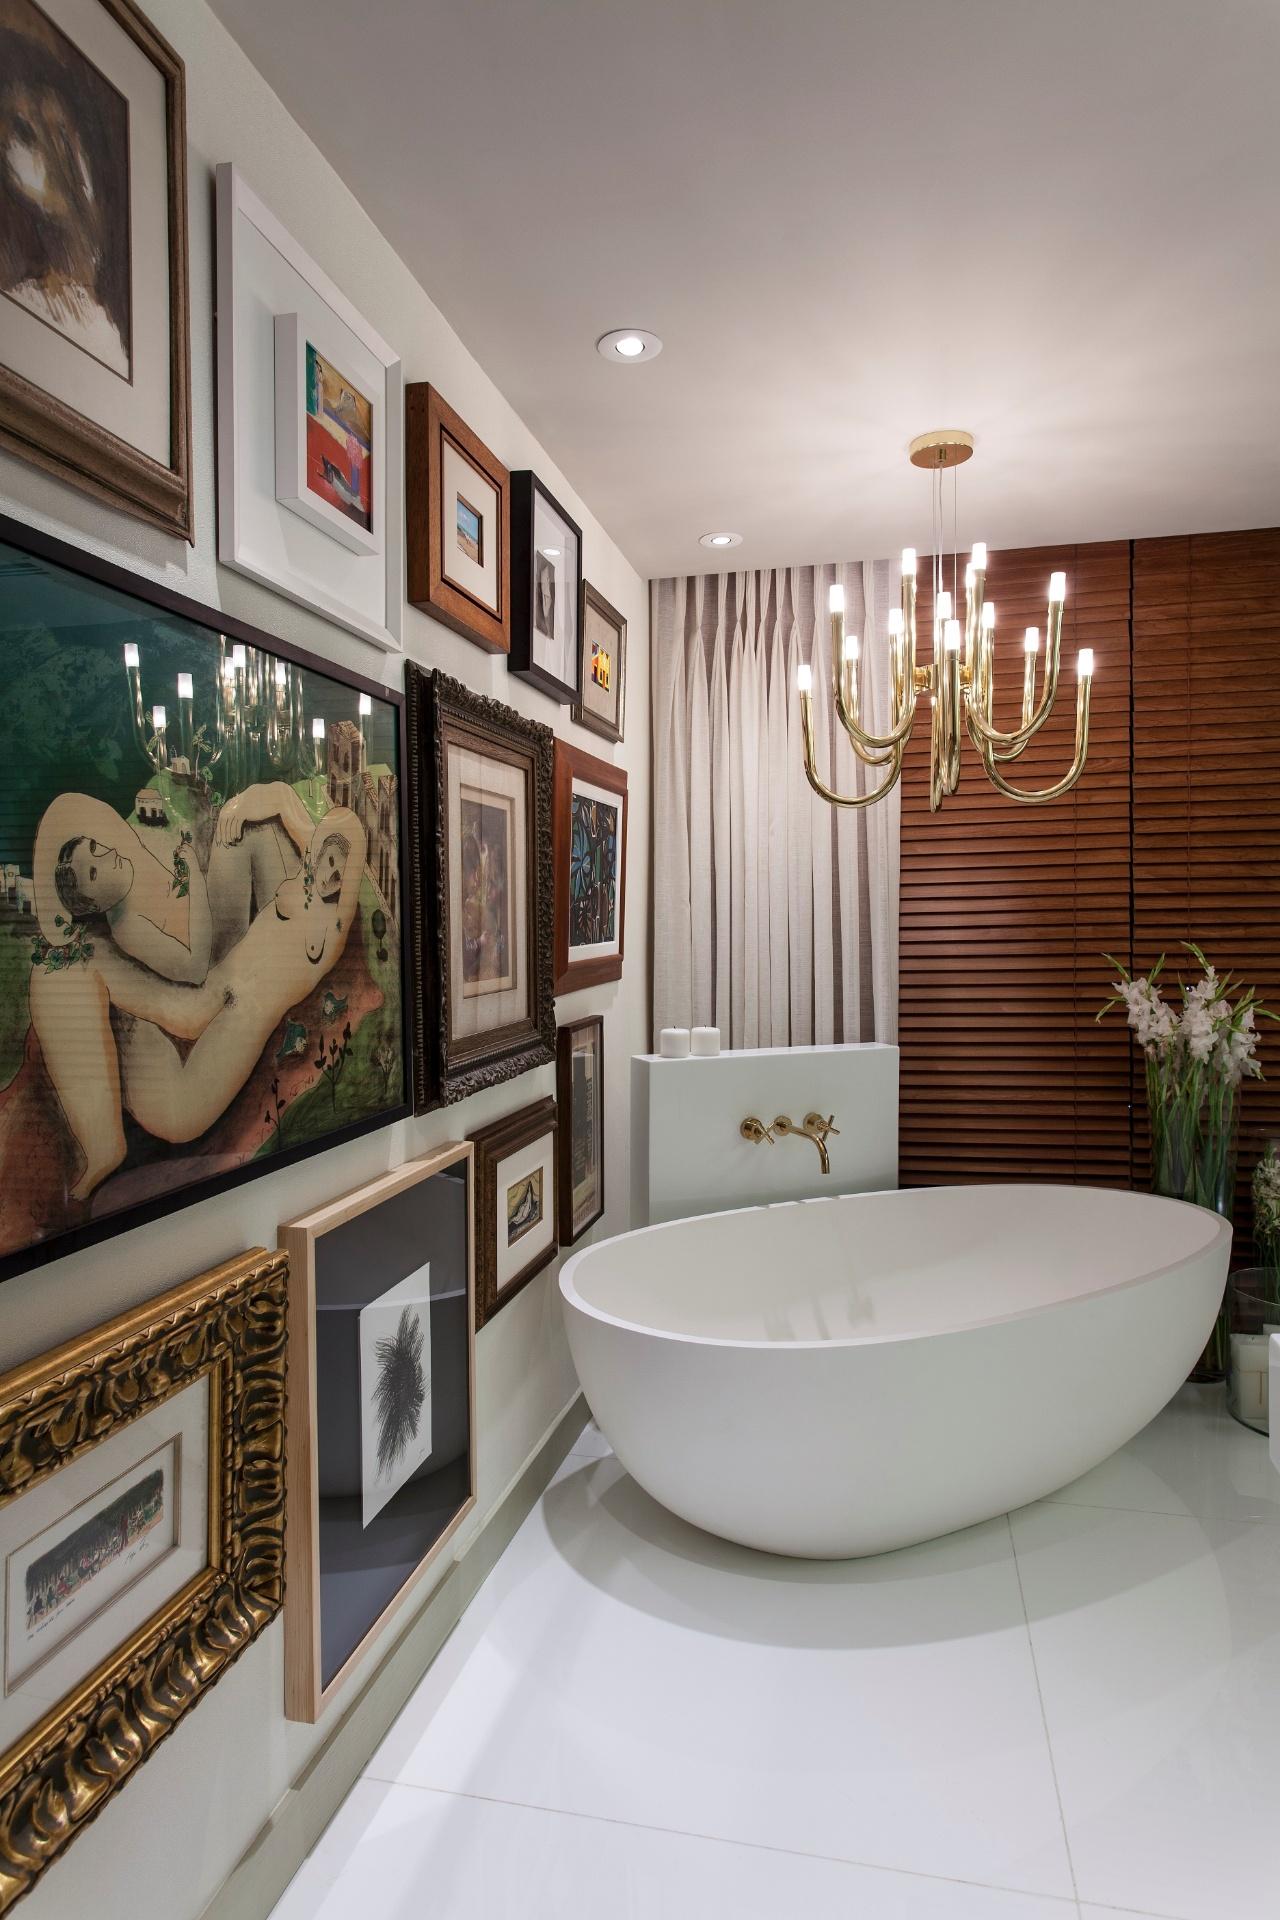 Imagens de #67432E em mármore assegura a atmosfera de requinte e elegância ao banheiro  1280x1920 px 3610 Banheiros Sofisticados Fotos